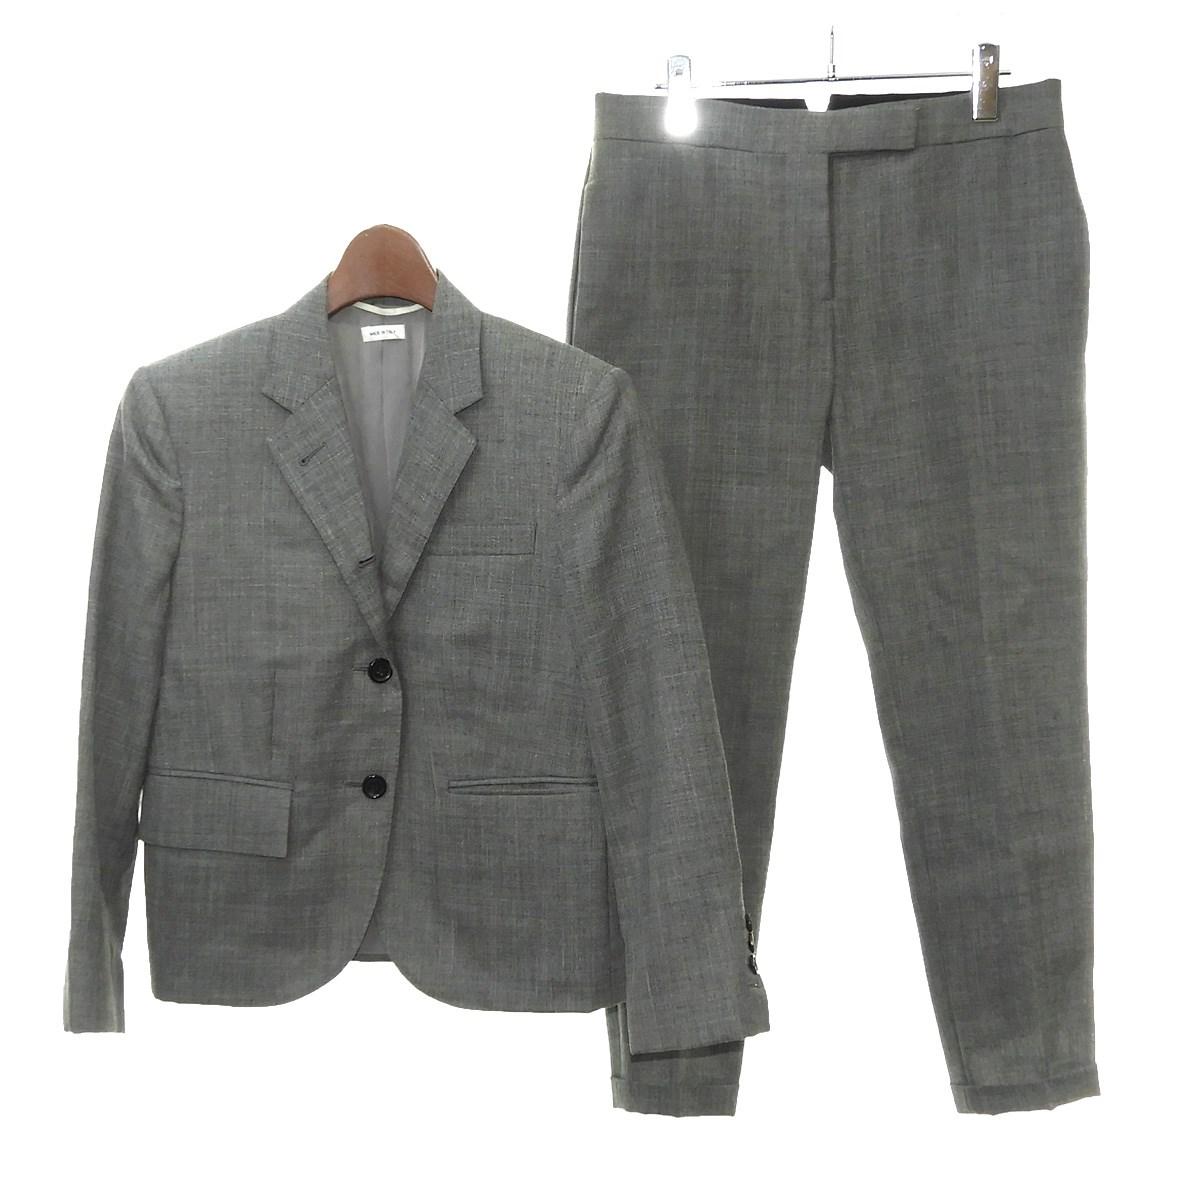 【中古】THOM BROWNE セットアップスーツ グレー サイズ:38/40 【170220】(トムブラウン)